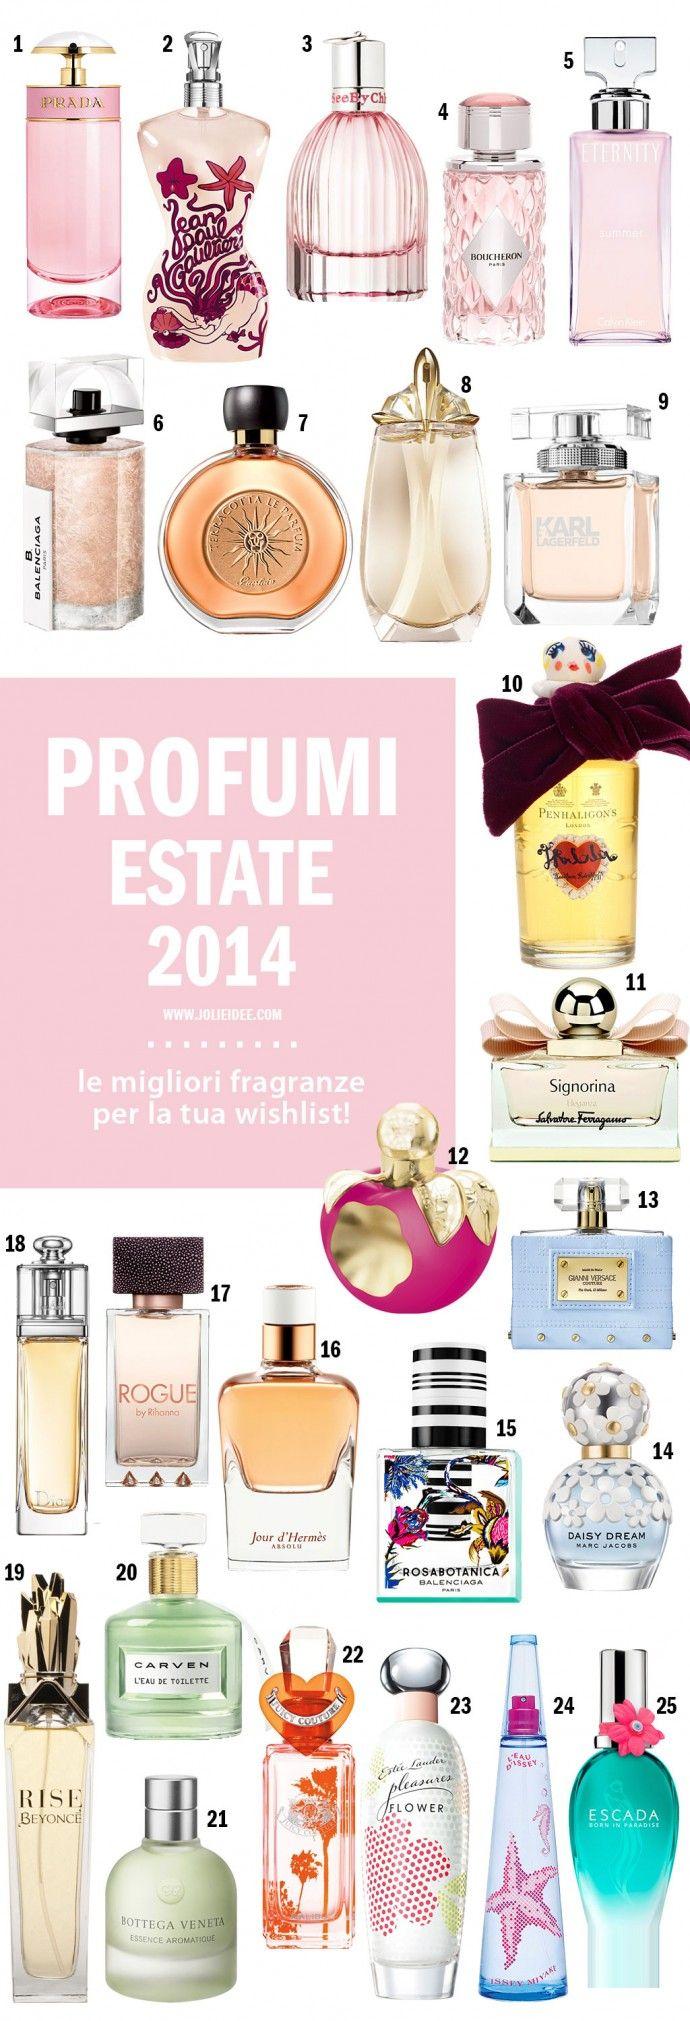 Profumi donna Estate 2014 - Le novità e i must have